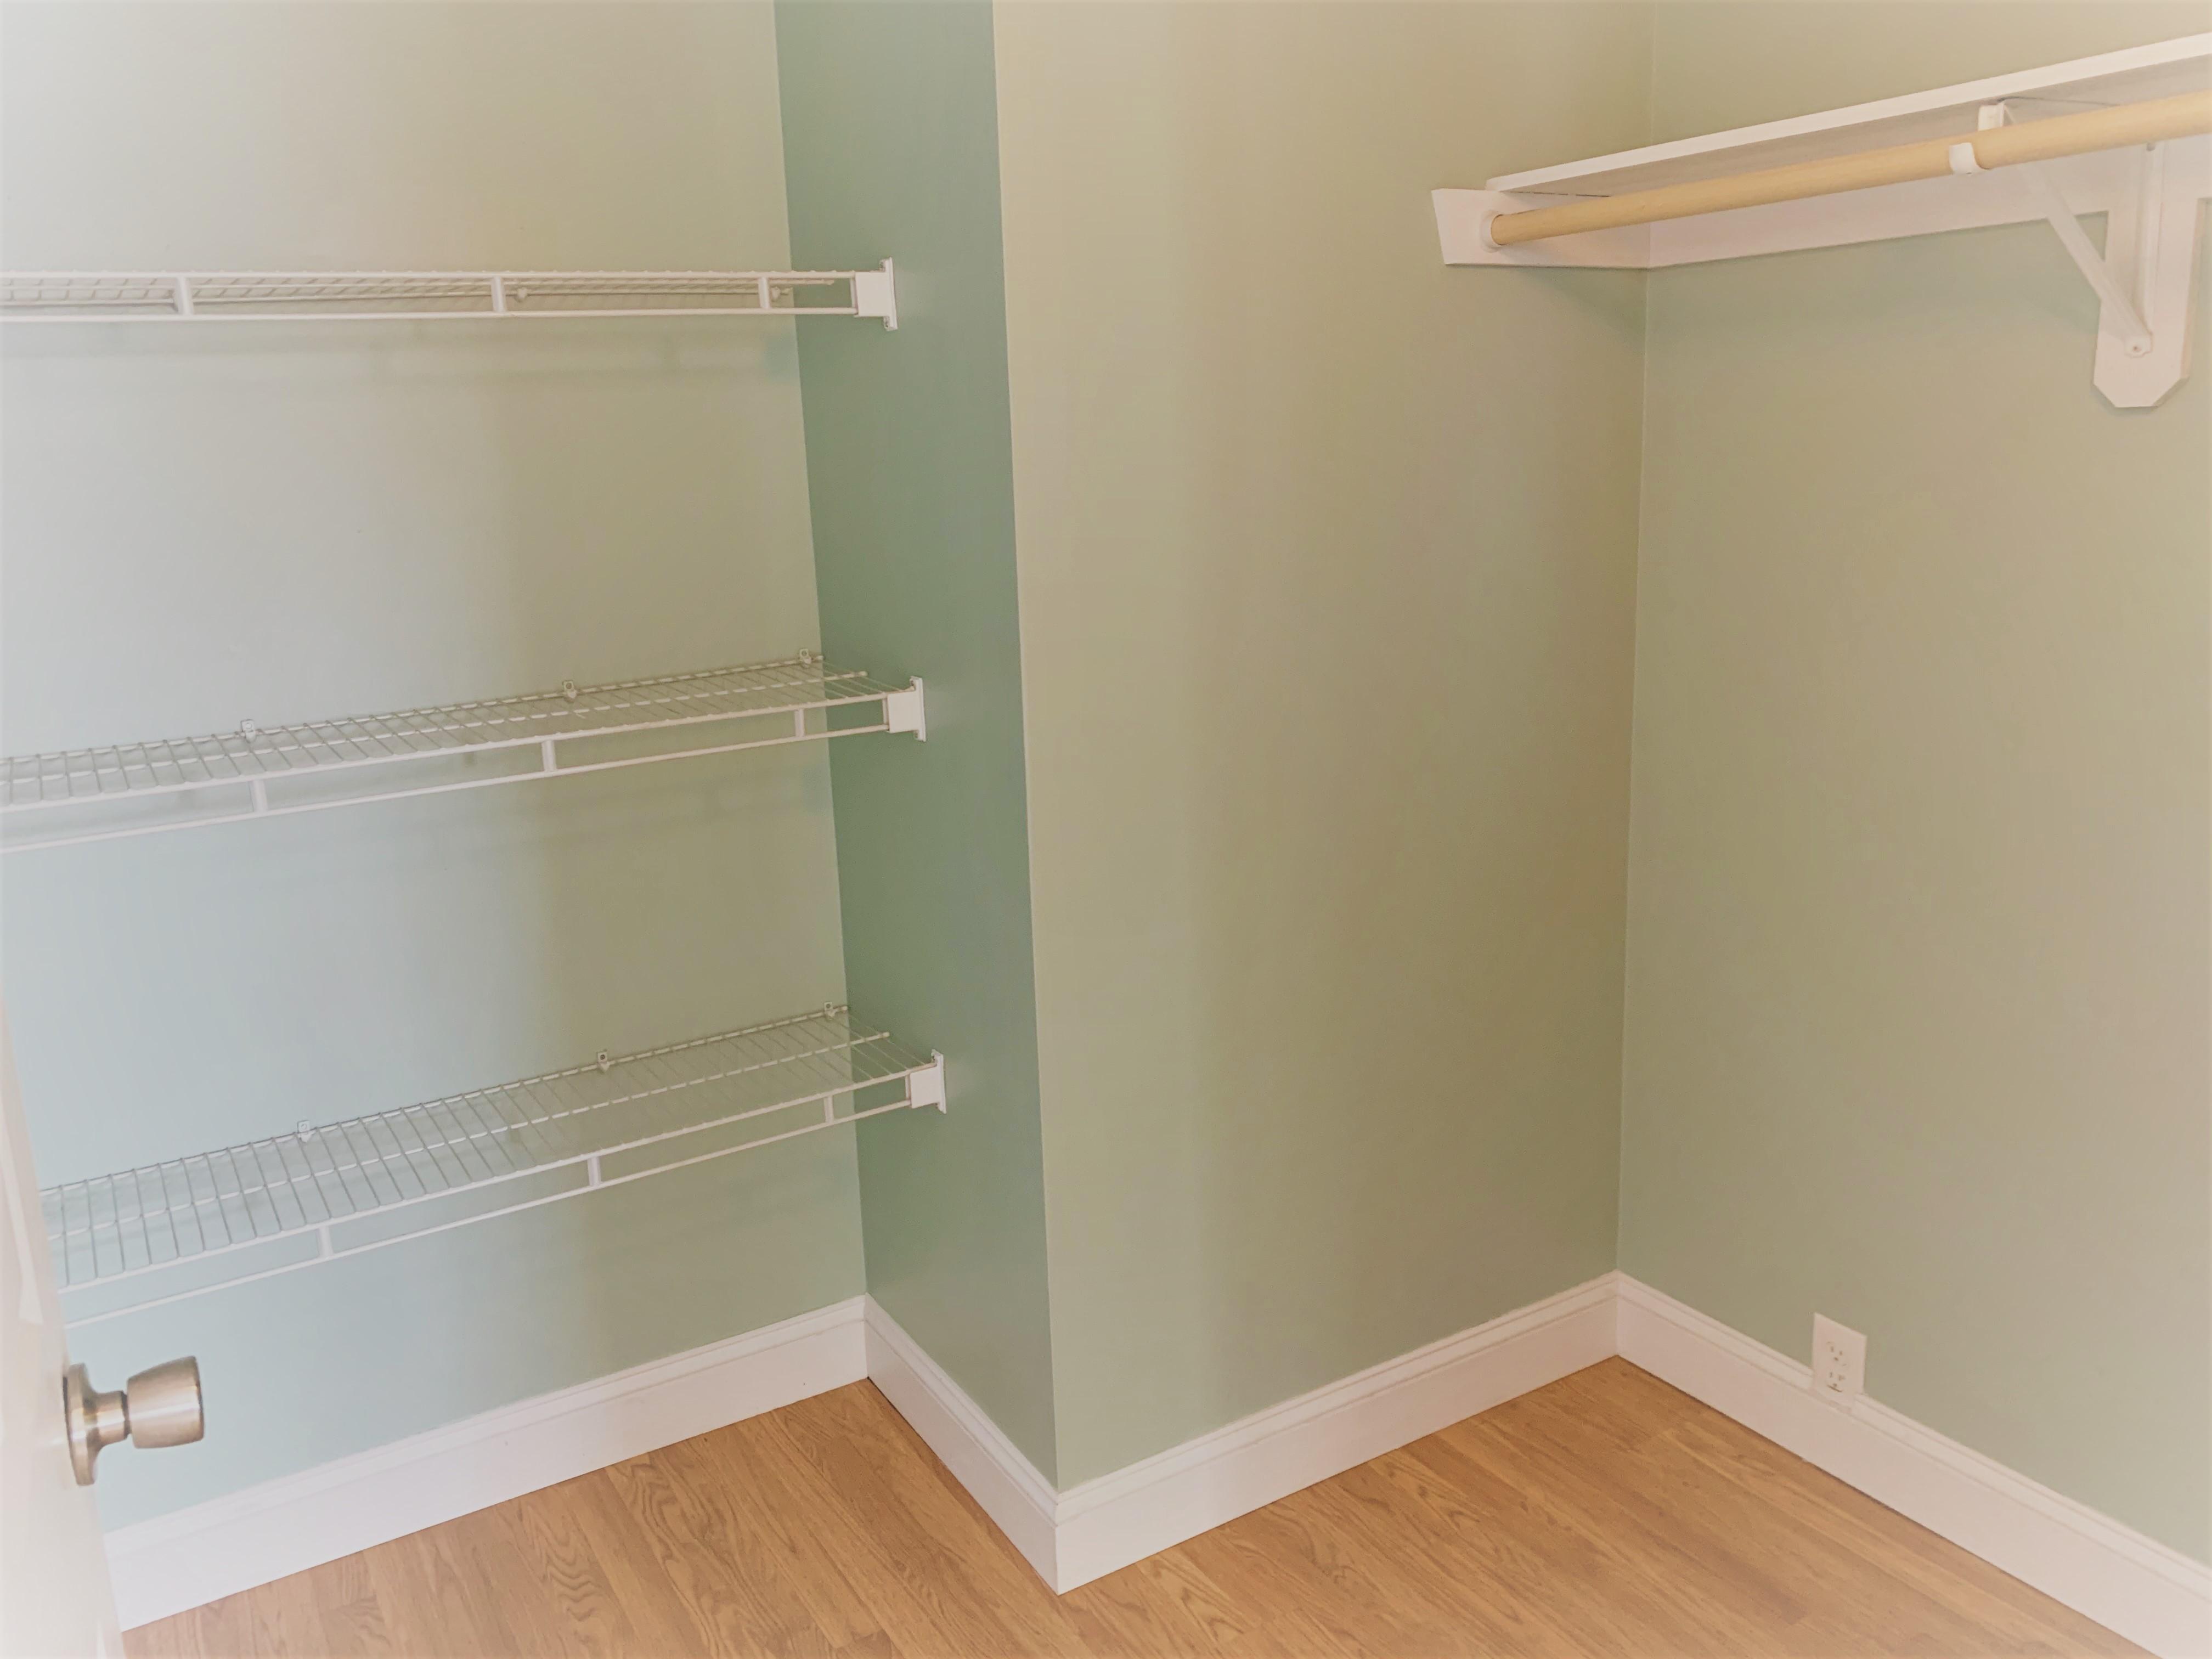 Walk-in closet for bedroom 1